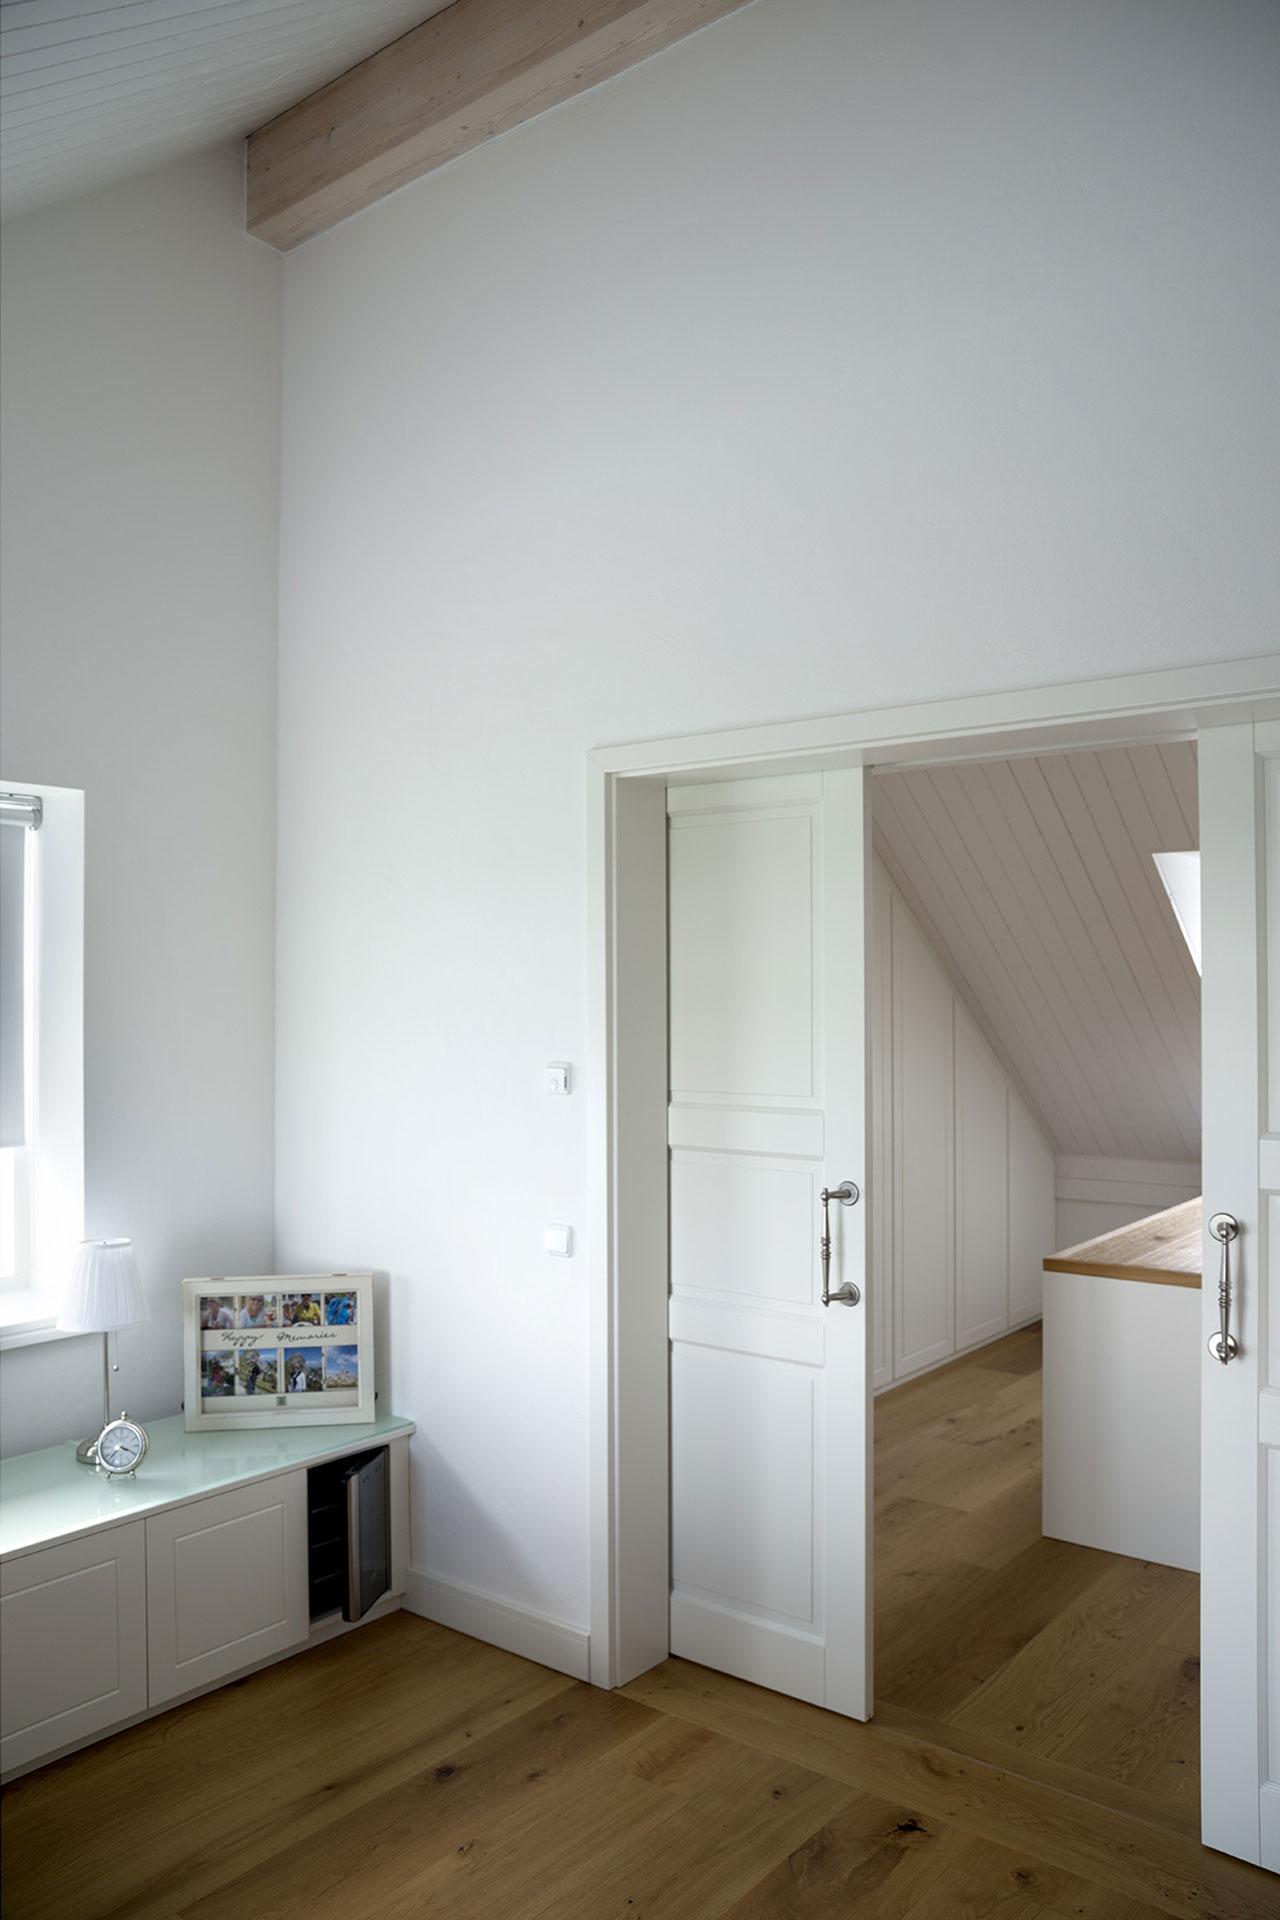 Einfamilienhaus im Landkreis NWM (09) / Nahaufnahme